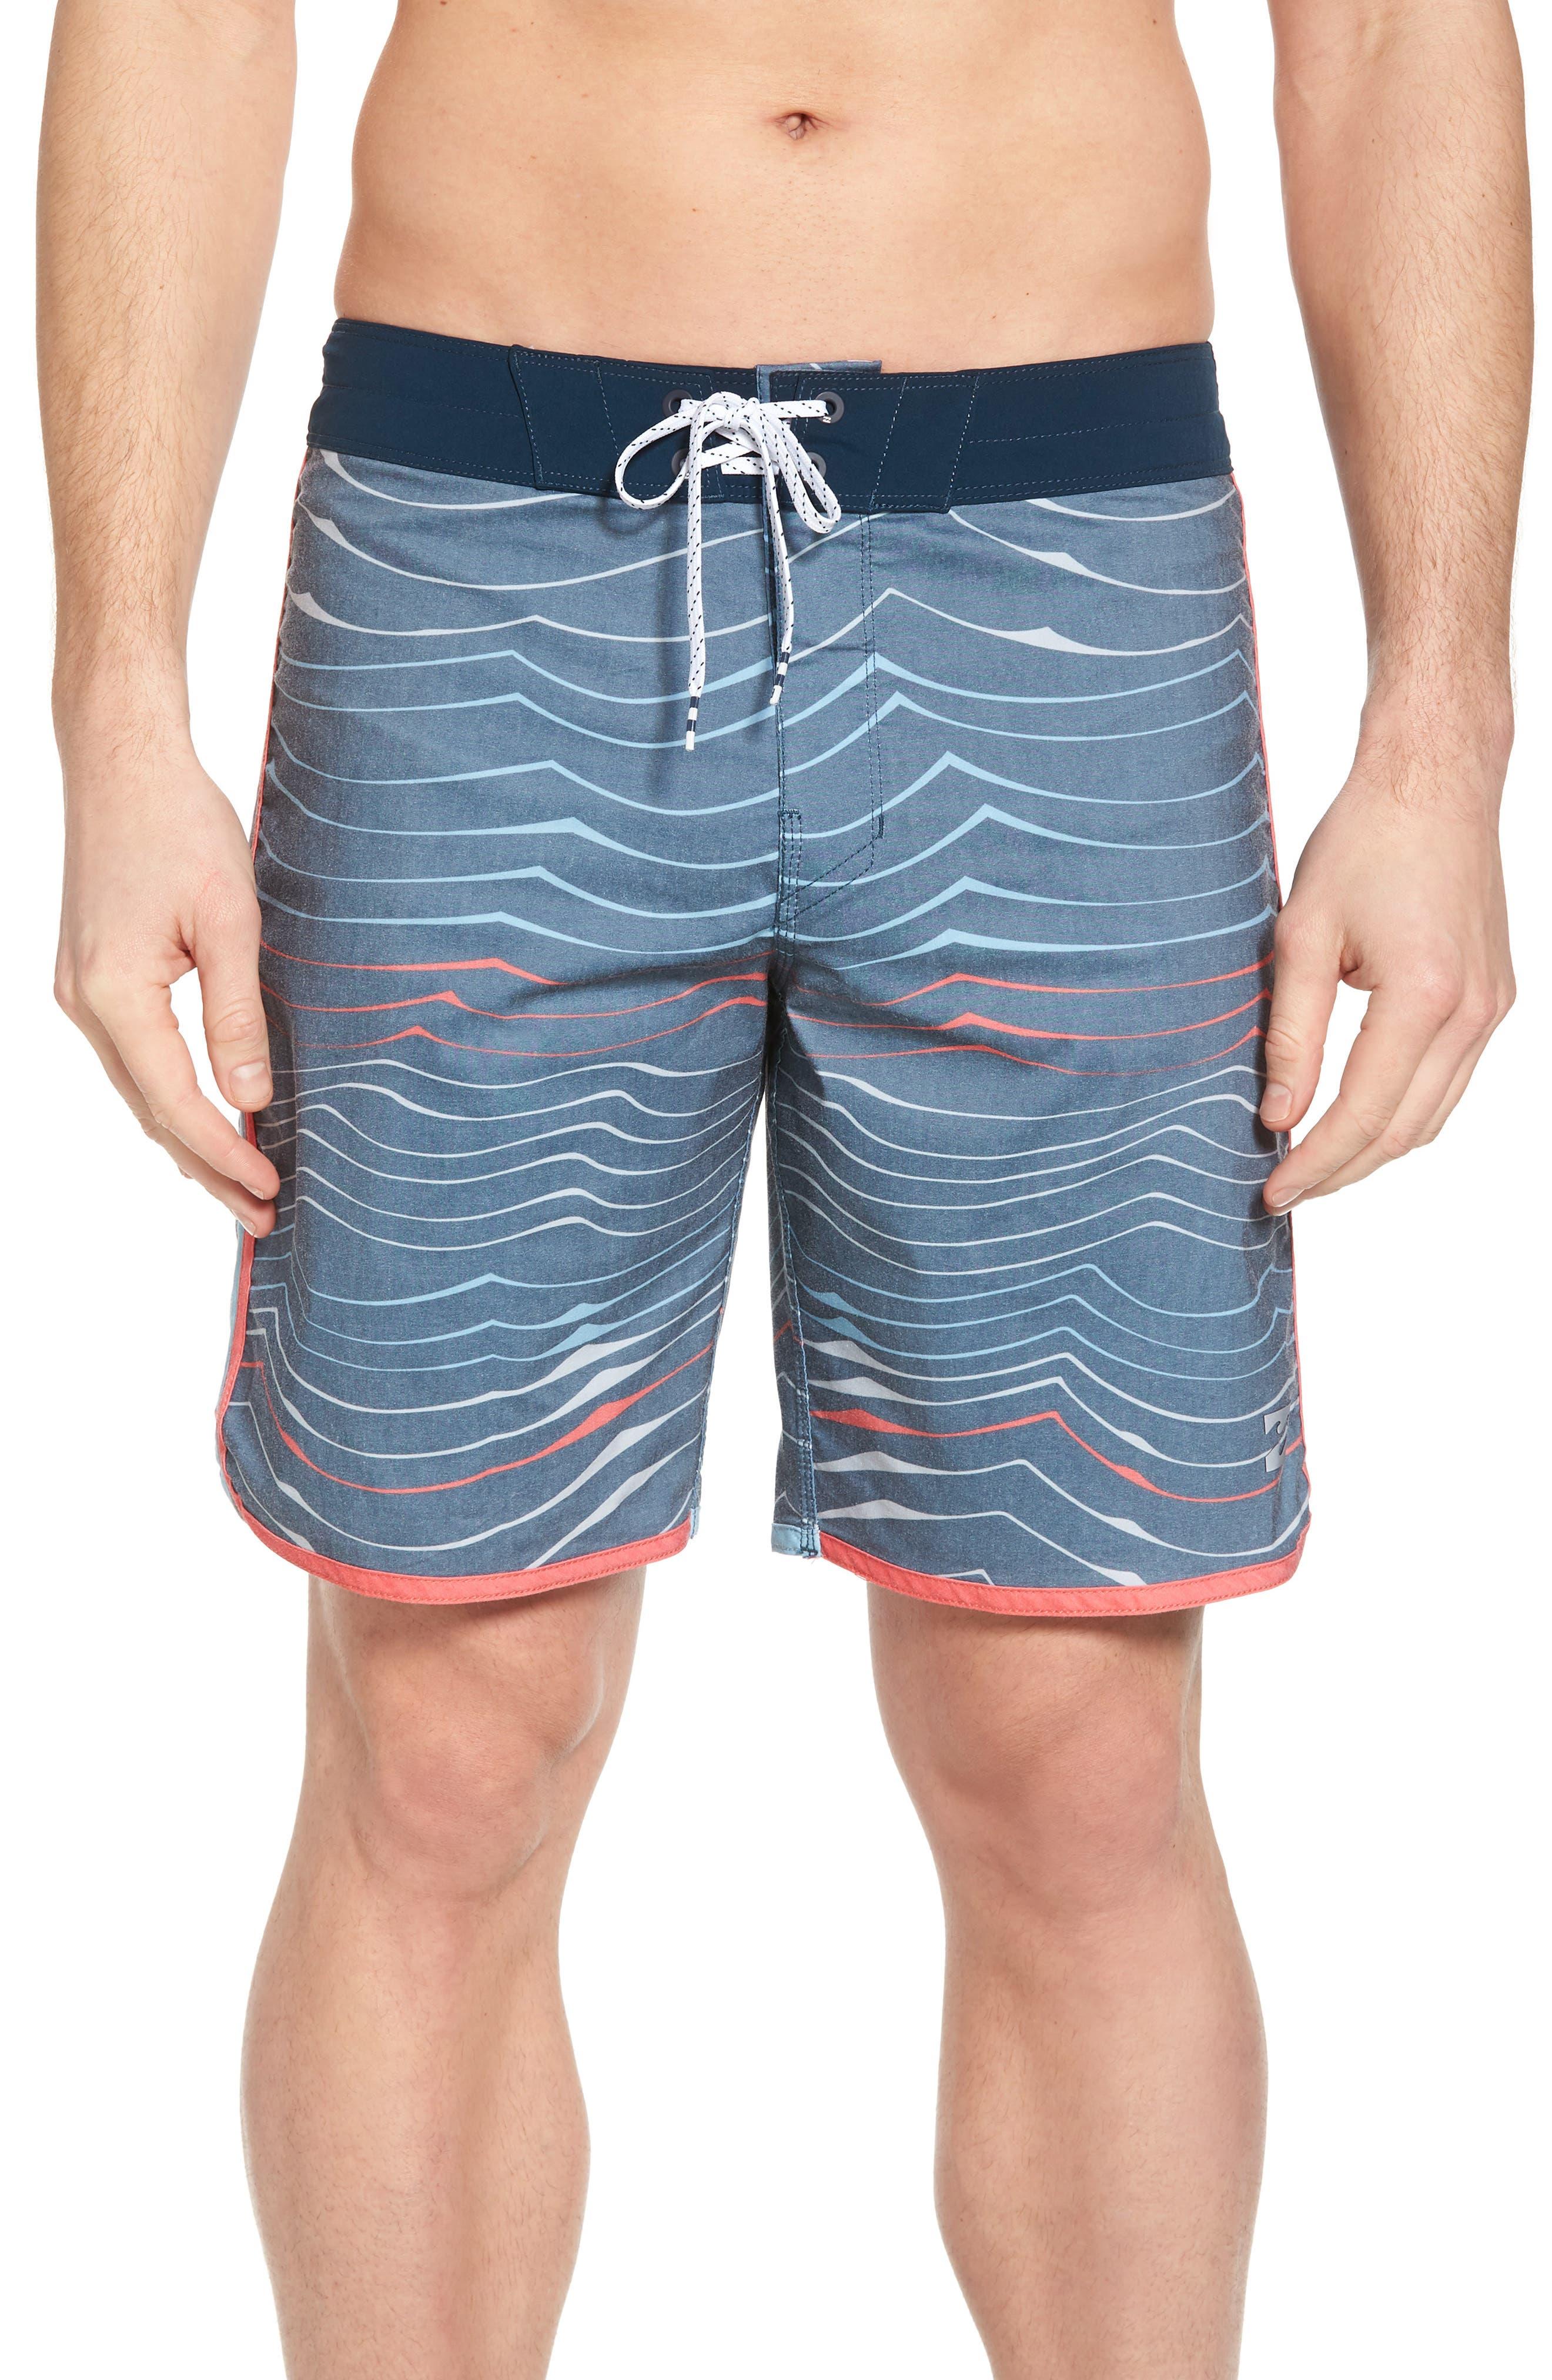 BILLABONG 73 X Lineup Board Shorts, Main, color, 415